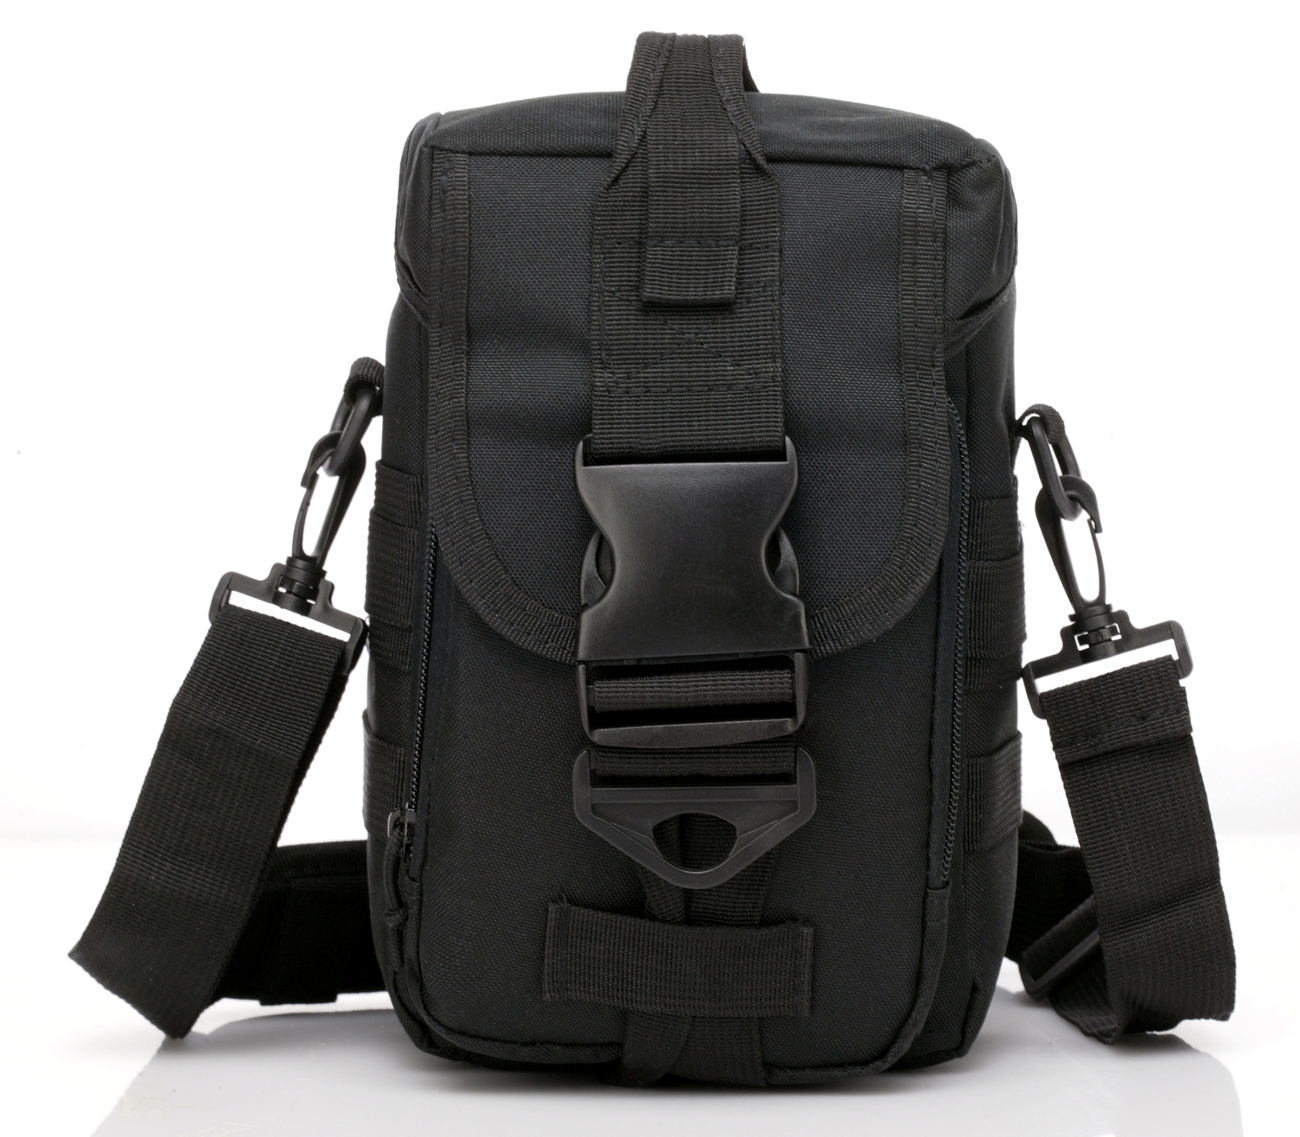 Тактическая мини-сумка на плечо для смартфона по доступной цене